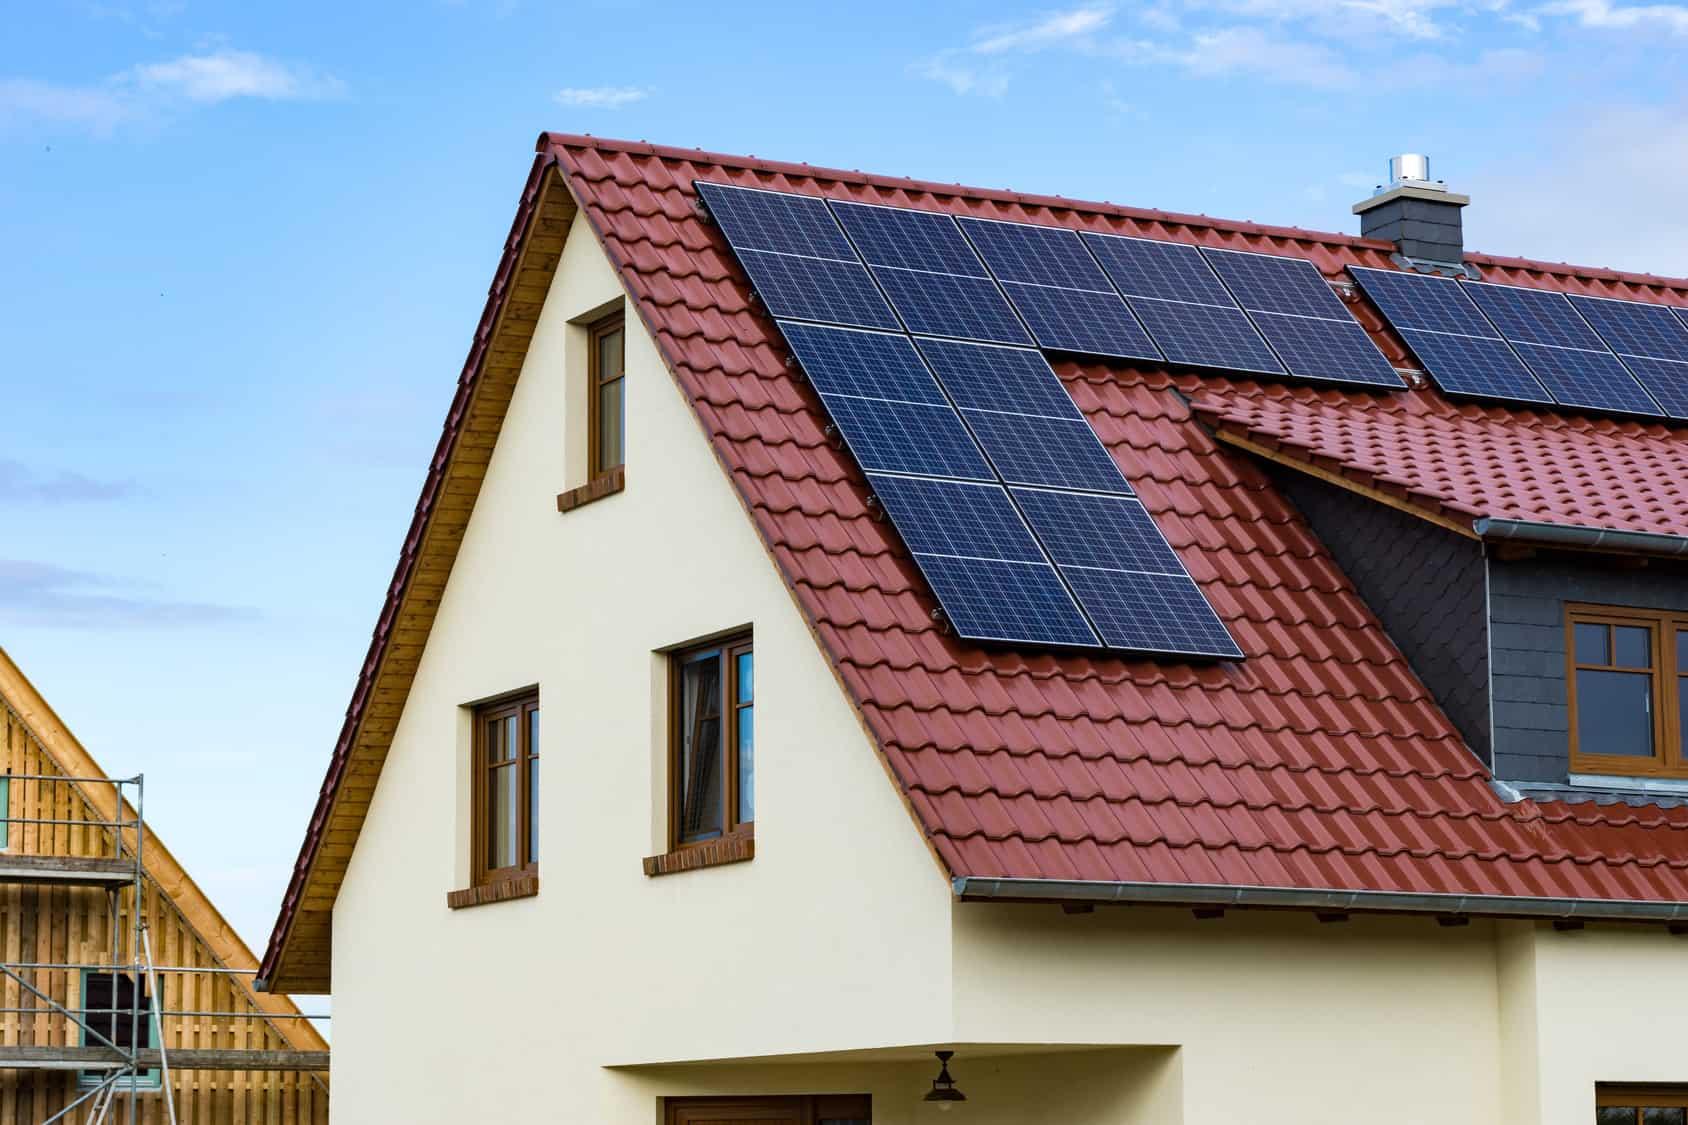 Couvrir Une Terrasse Permis De Construire pose et remplacement d'une toiture : la réglementation en 2020